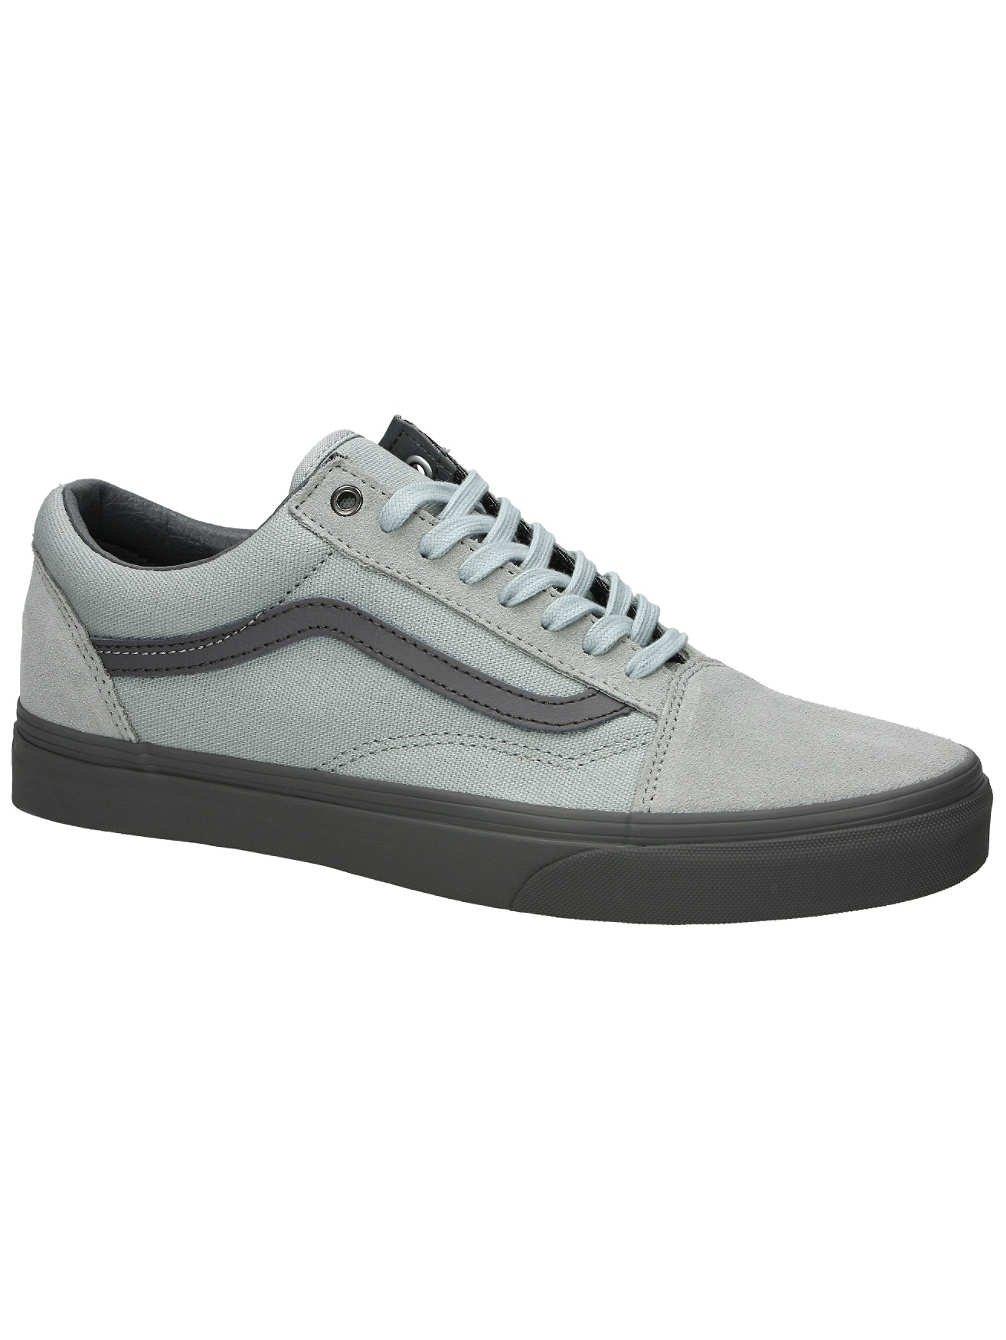 7f7cffef00 Galleon - Vans Old Skool Hi Rise Cd Pewter Skate Casual 4.5